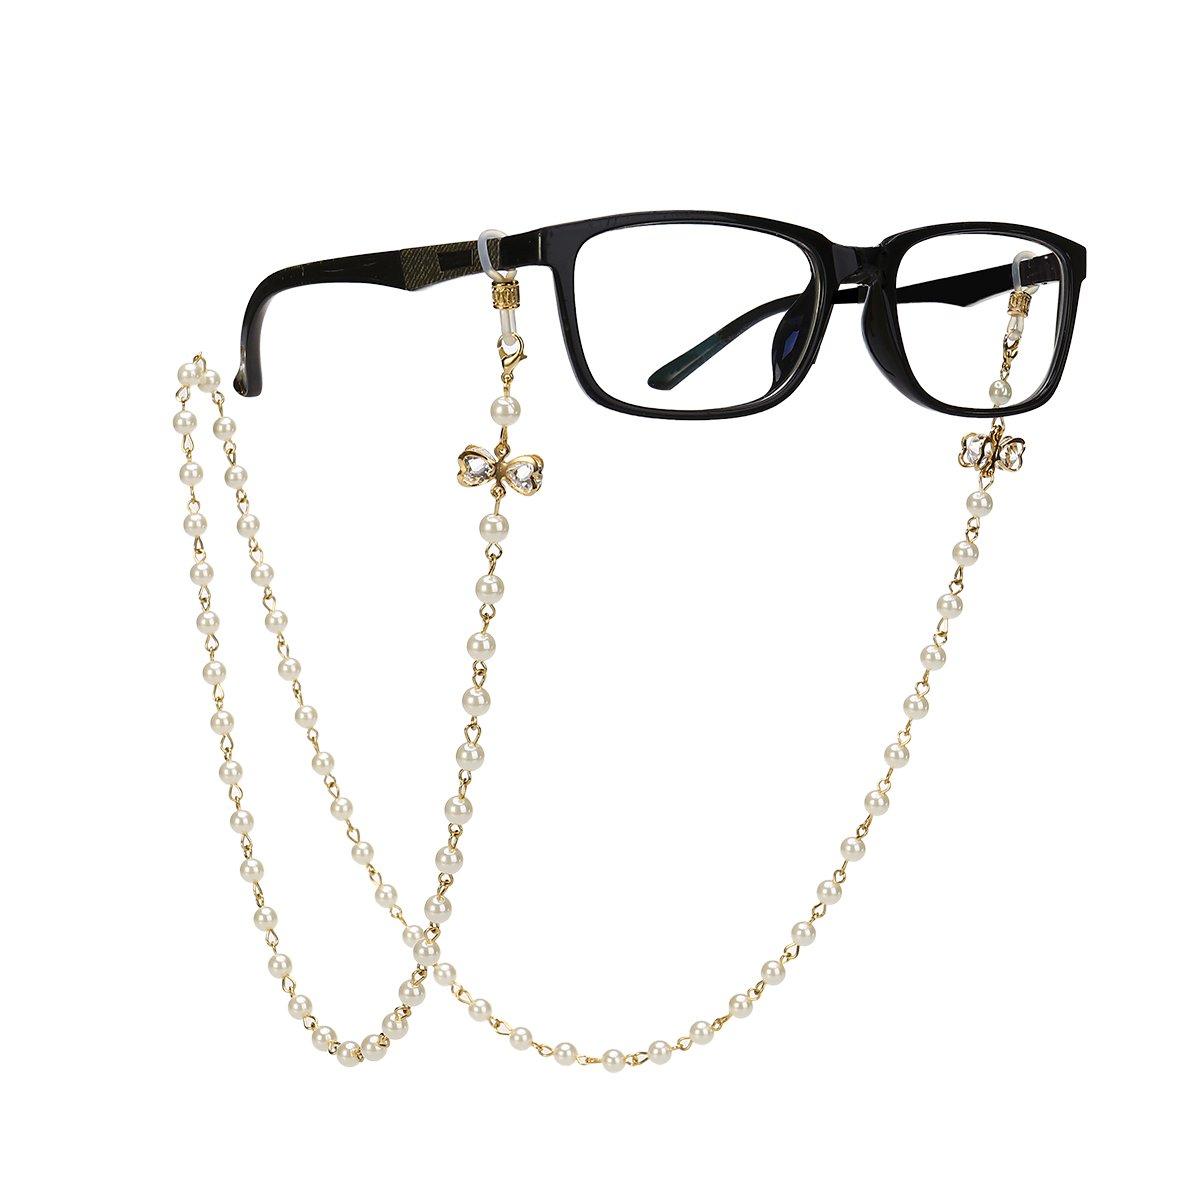 Tinksky Brillenkette mit Bowknot Imitation Perlen Gläser Strap Cords Sunglass Holder Lanyard Halskette Brillen Halter Hals Cord Strap 154649SDJ2F5200